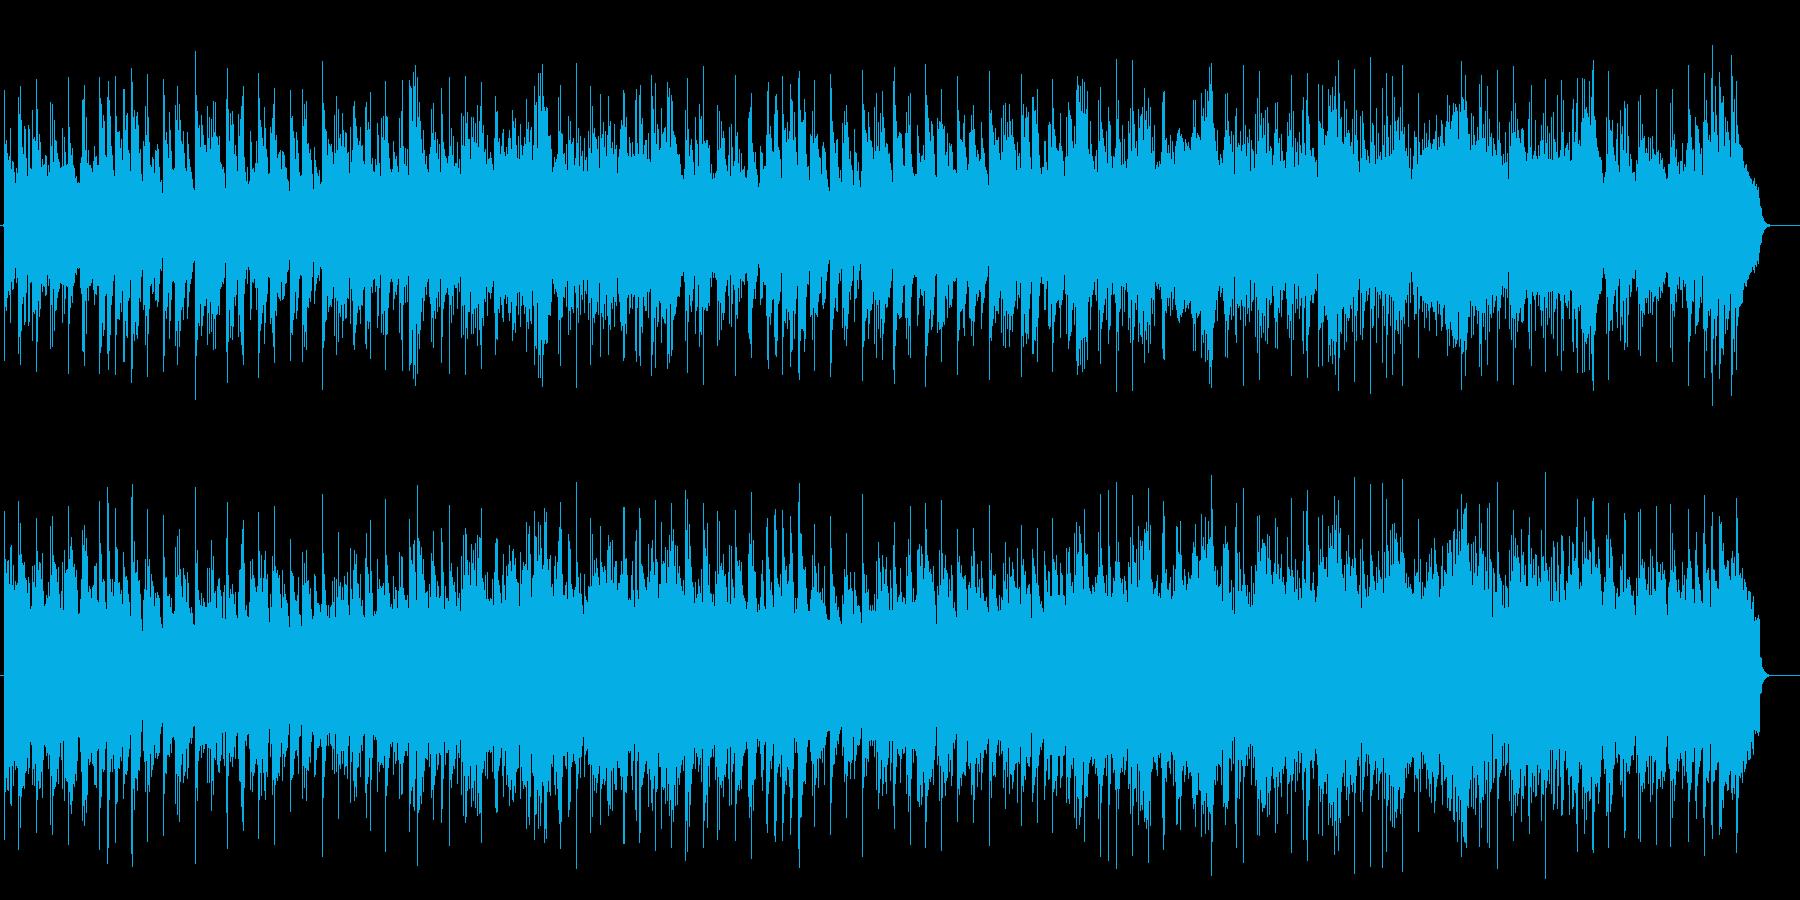 アコースティックバラード(フルサイズ)の再生済みの波形